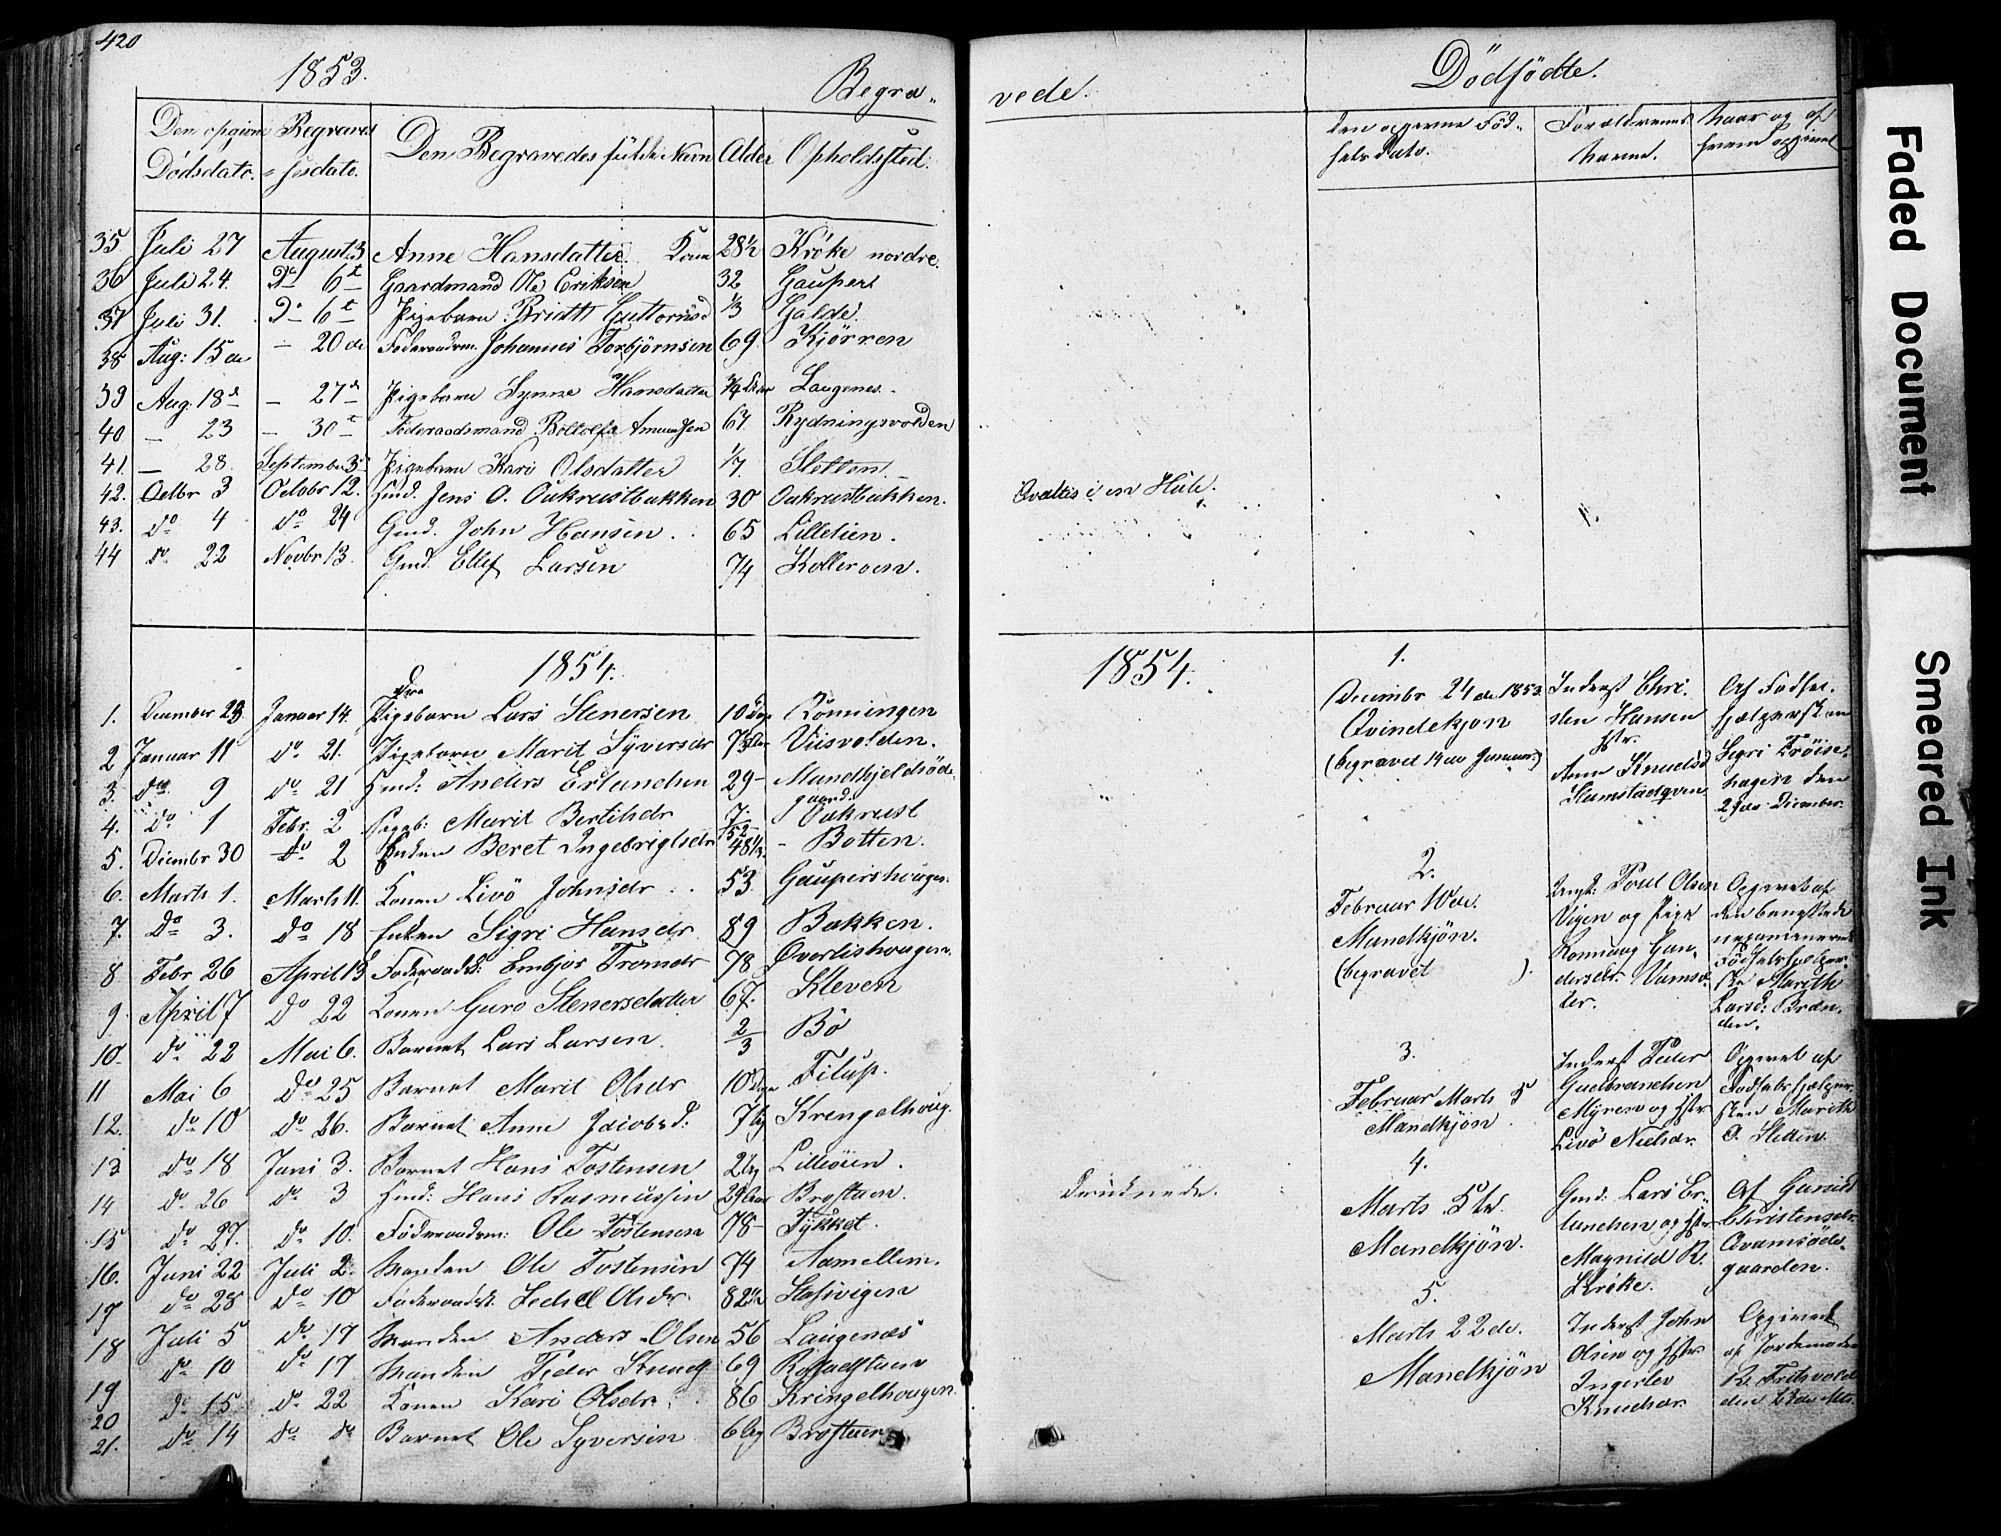 SAH, Lom prestekontor, L/L0012: Klokkerbok nr. 12, 1845-1873, s. 420-421